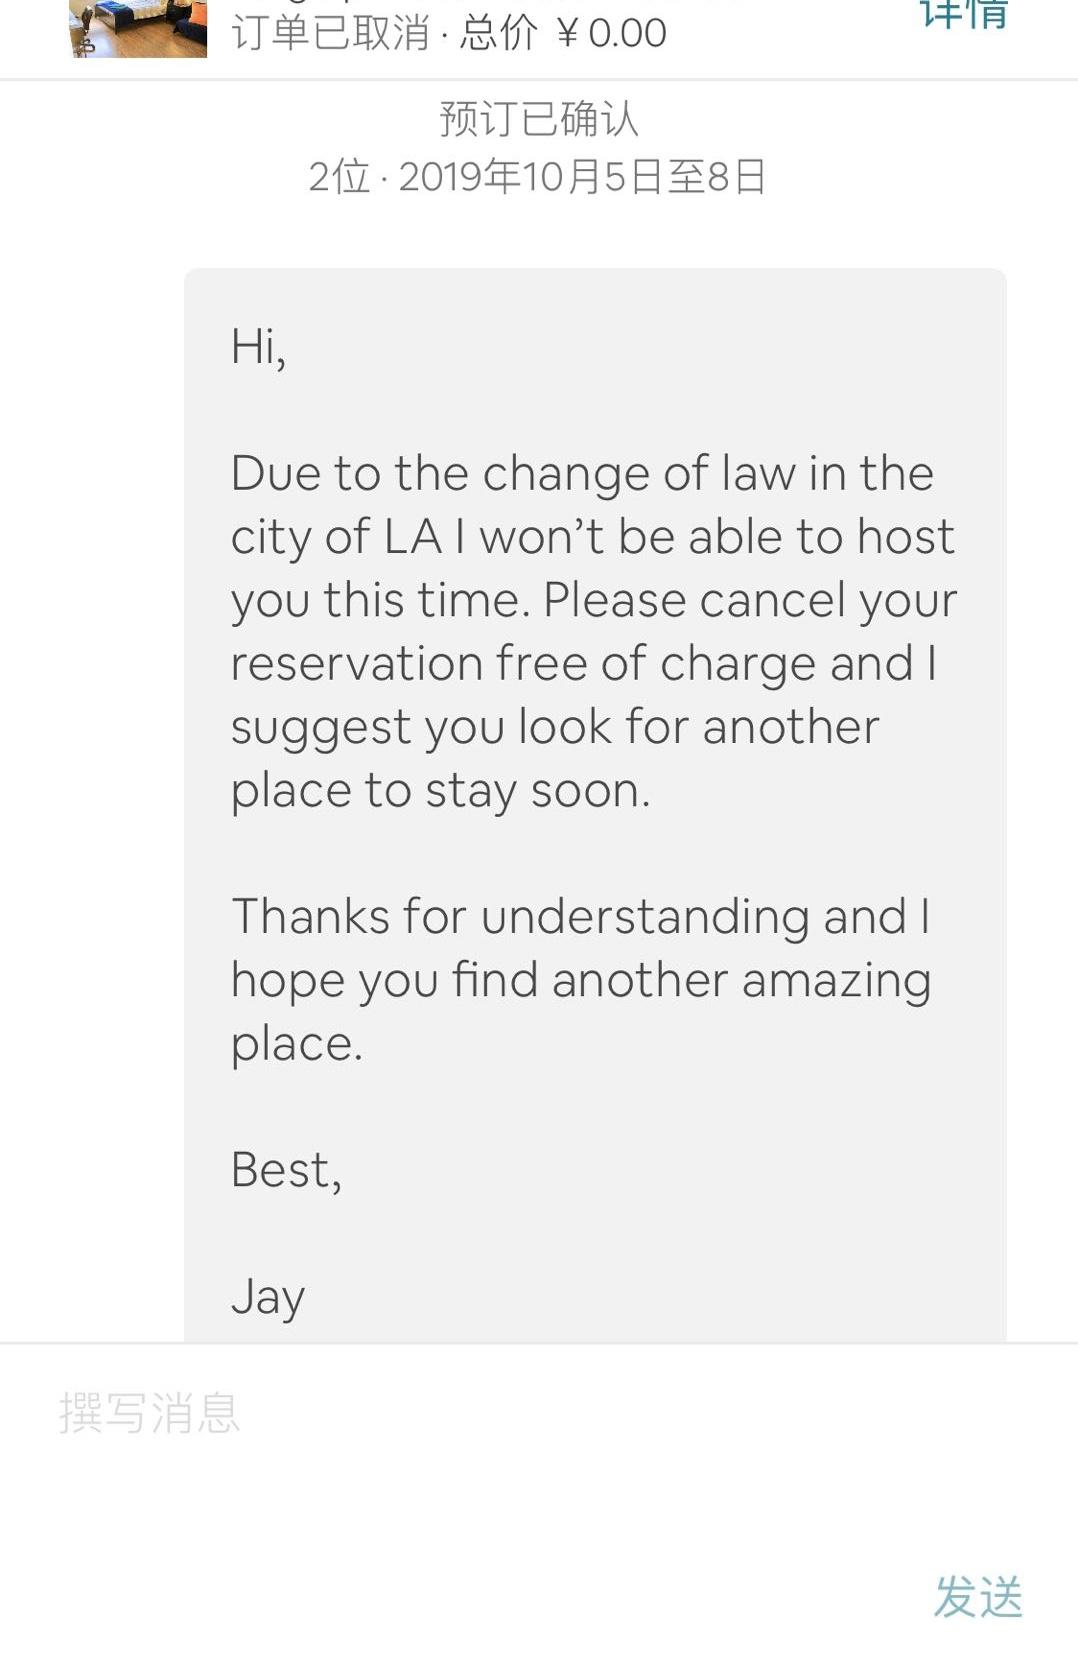 法律监管,房东逃税,Airbnb上市之路还有多少雷区?